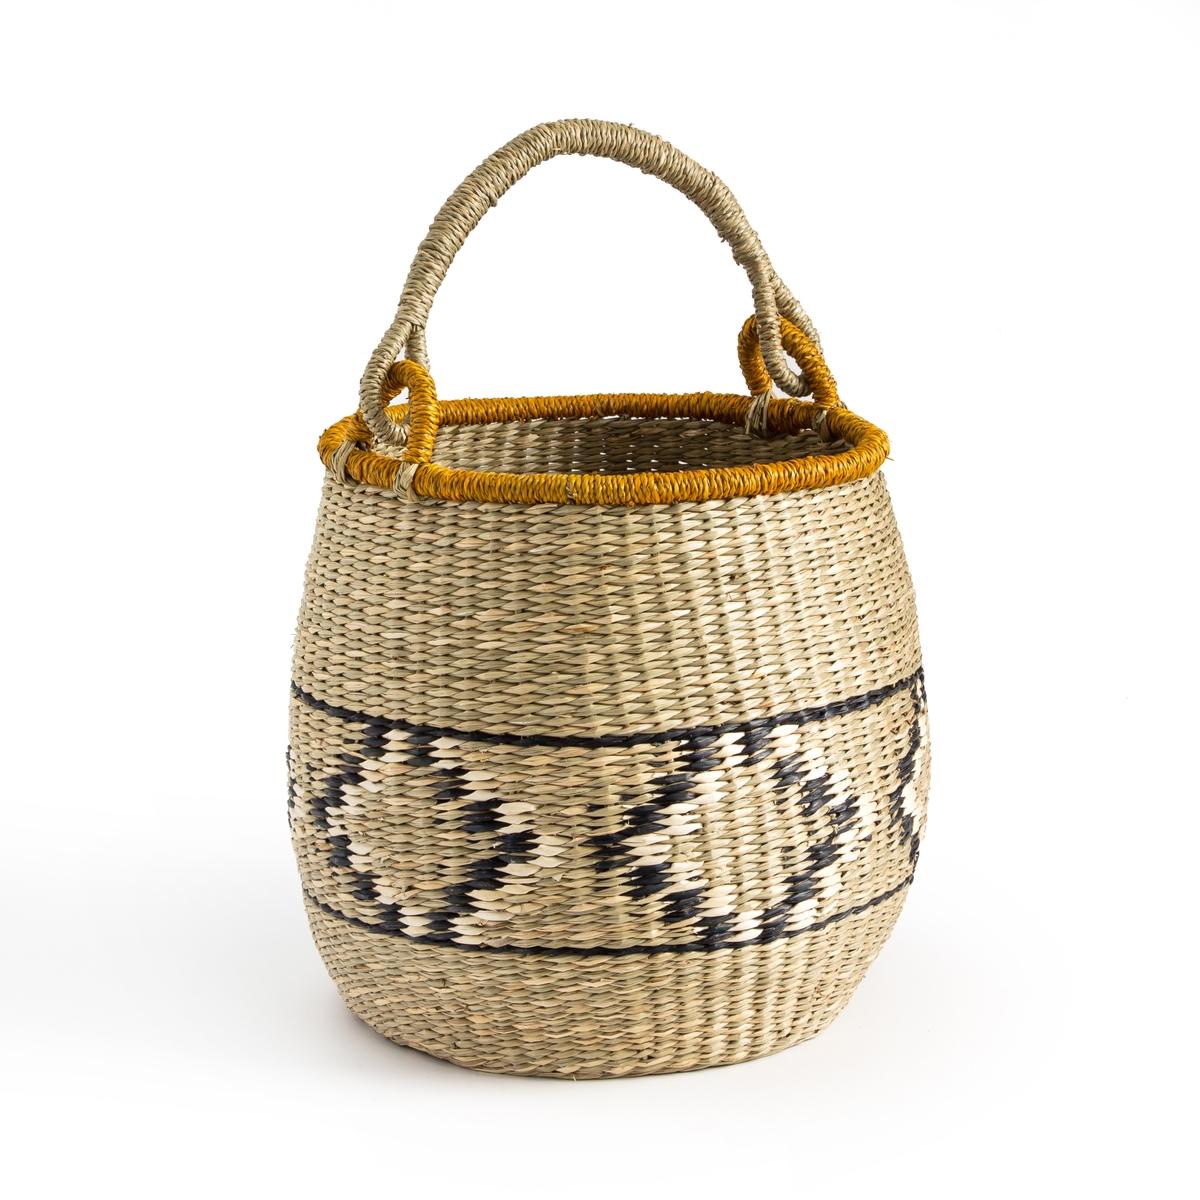 Корзина La Redoute Плетеная в виде шара Zac единый размер бежевый